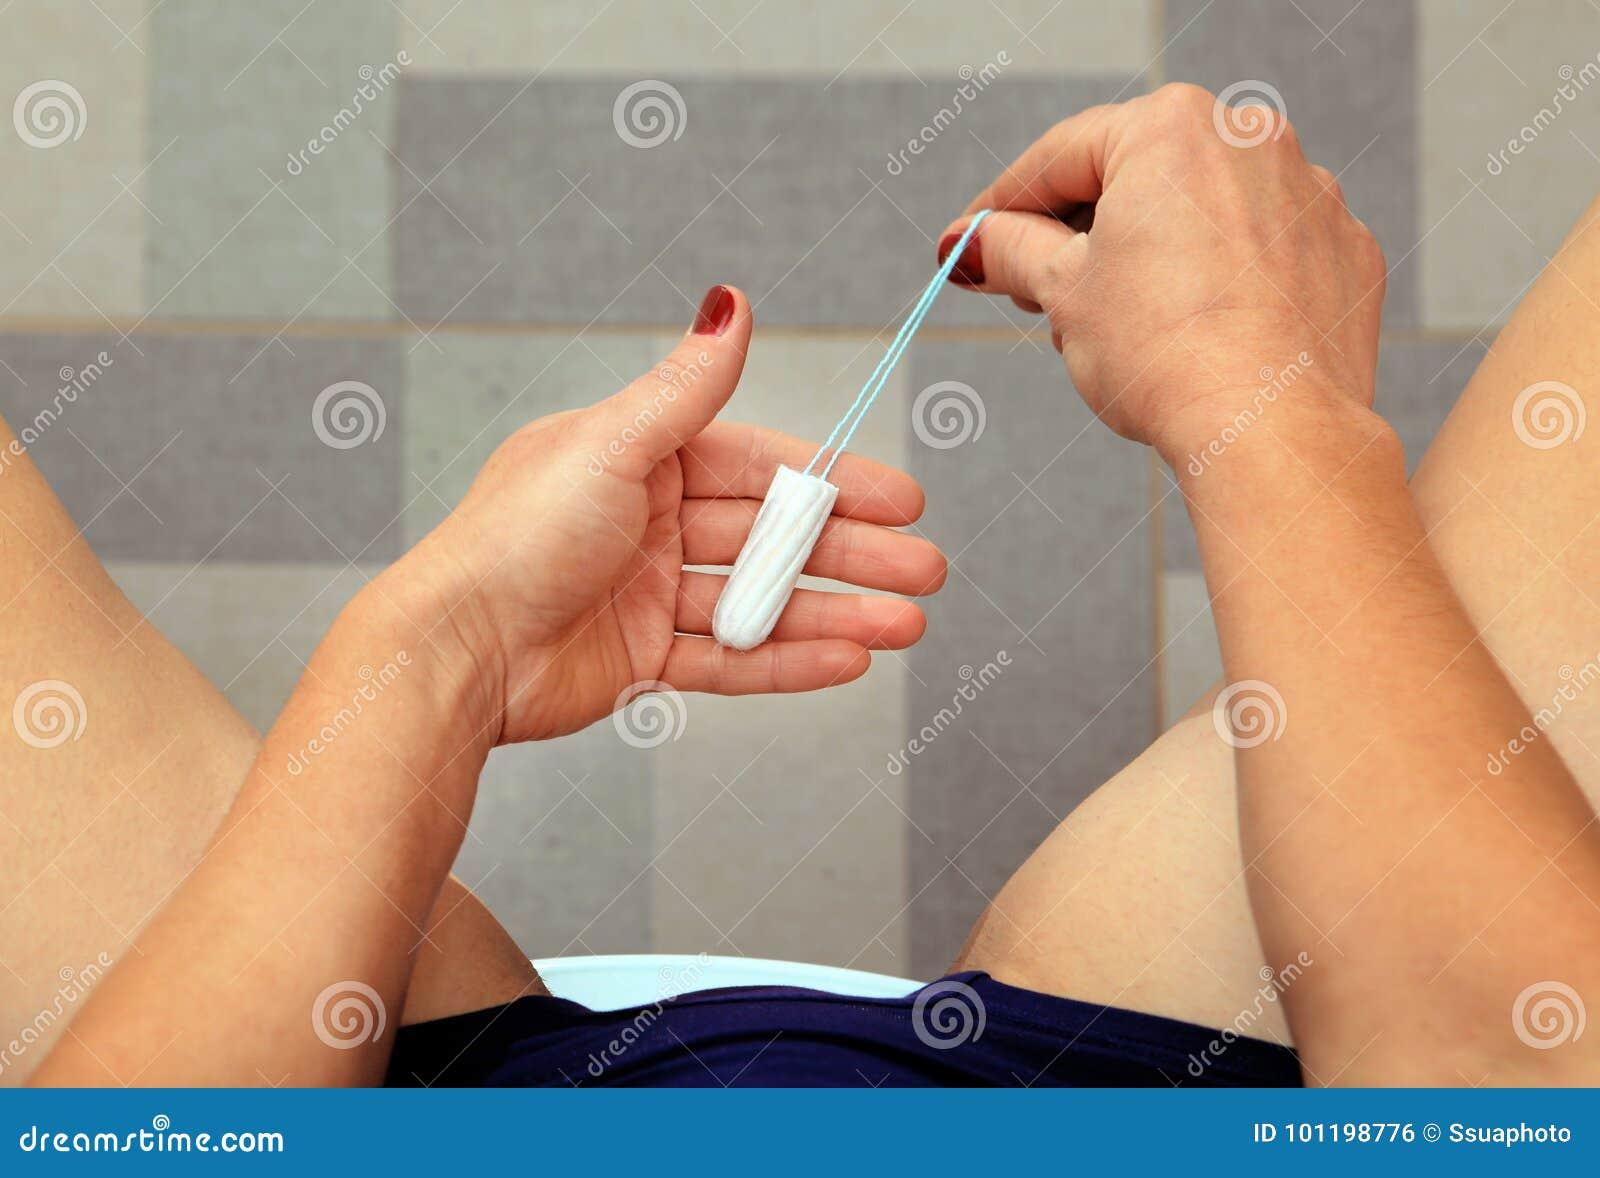 грин была фото женщина вставляет тампон после